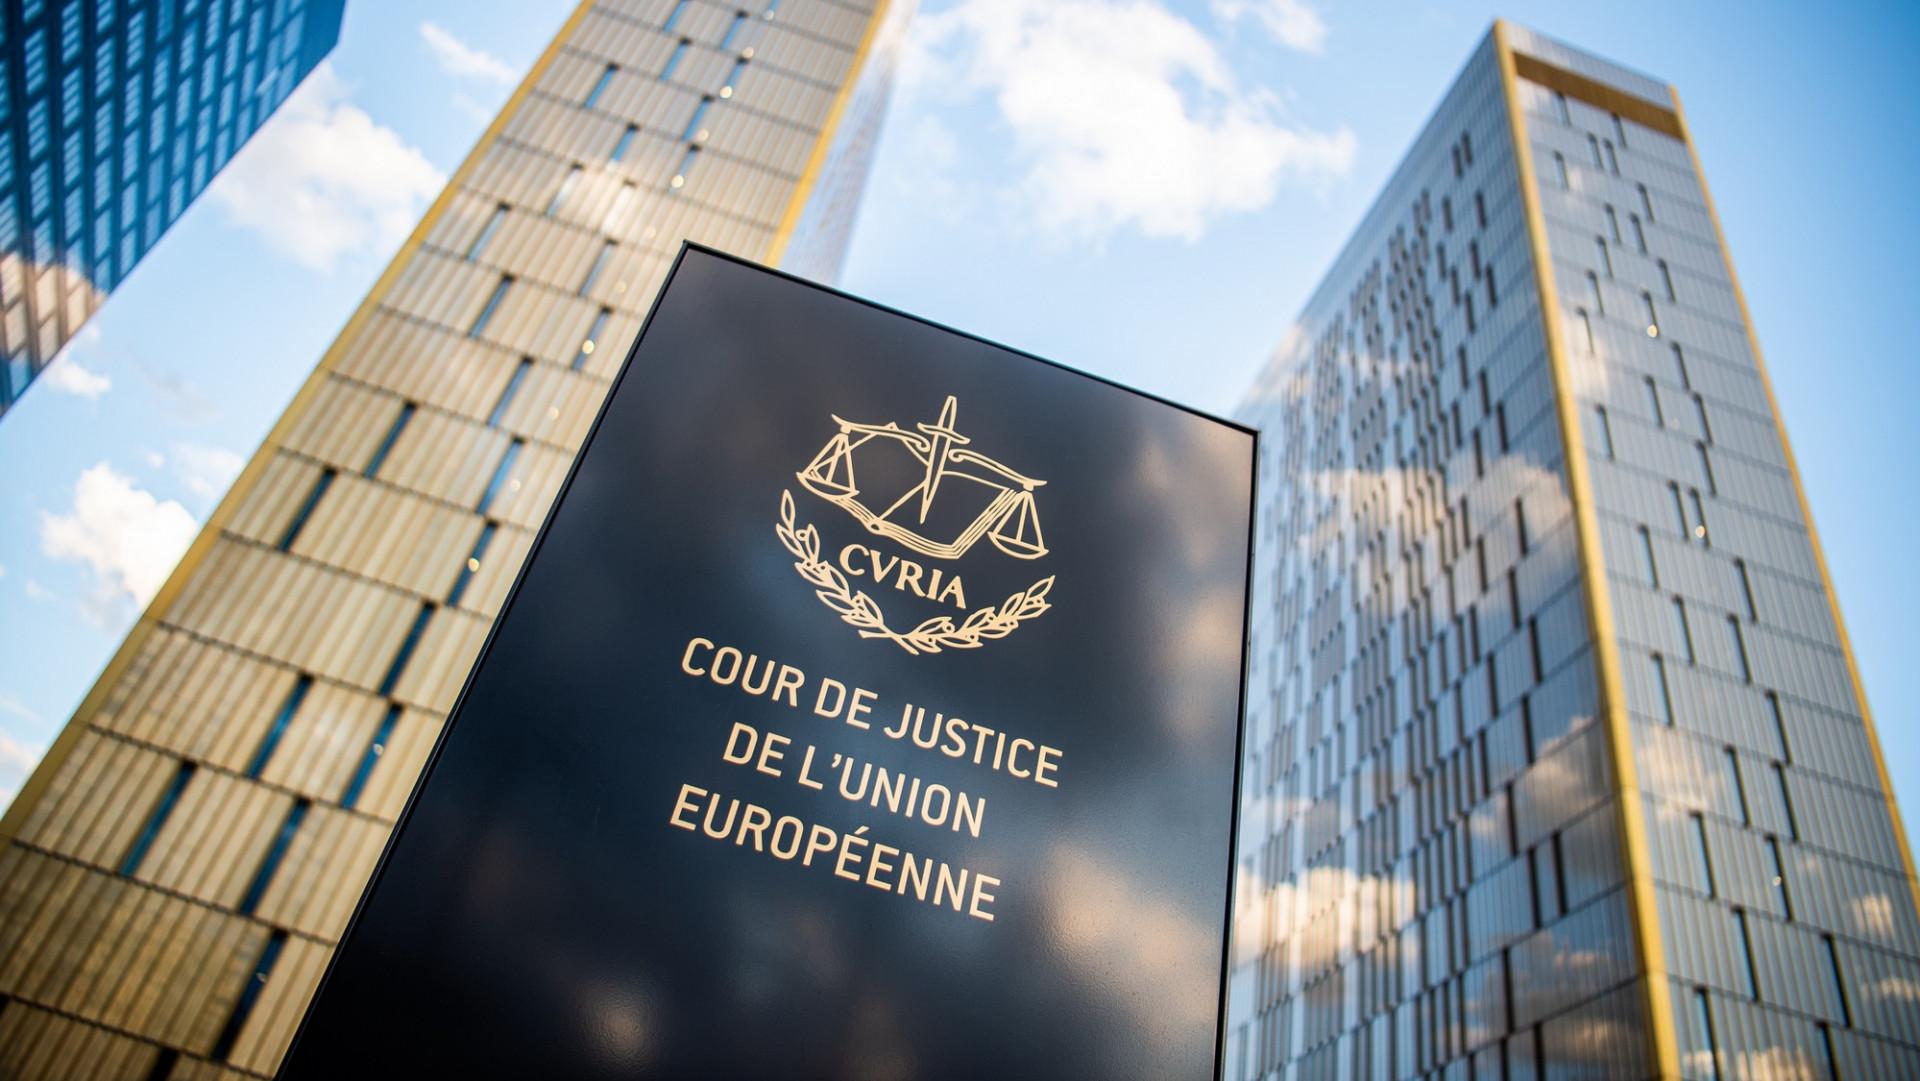 Máris visszaszólt az EU Bírósága a németeknek: ne üssétek bele az  orrotokat, mert ez a mi felségterületünk - Portfolio.hu